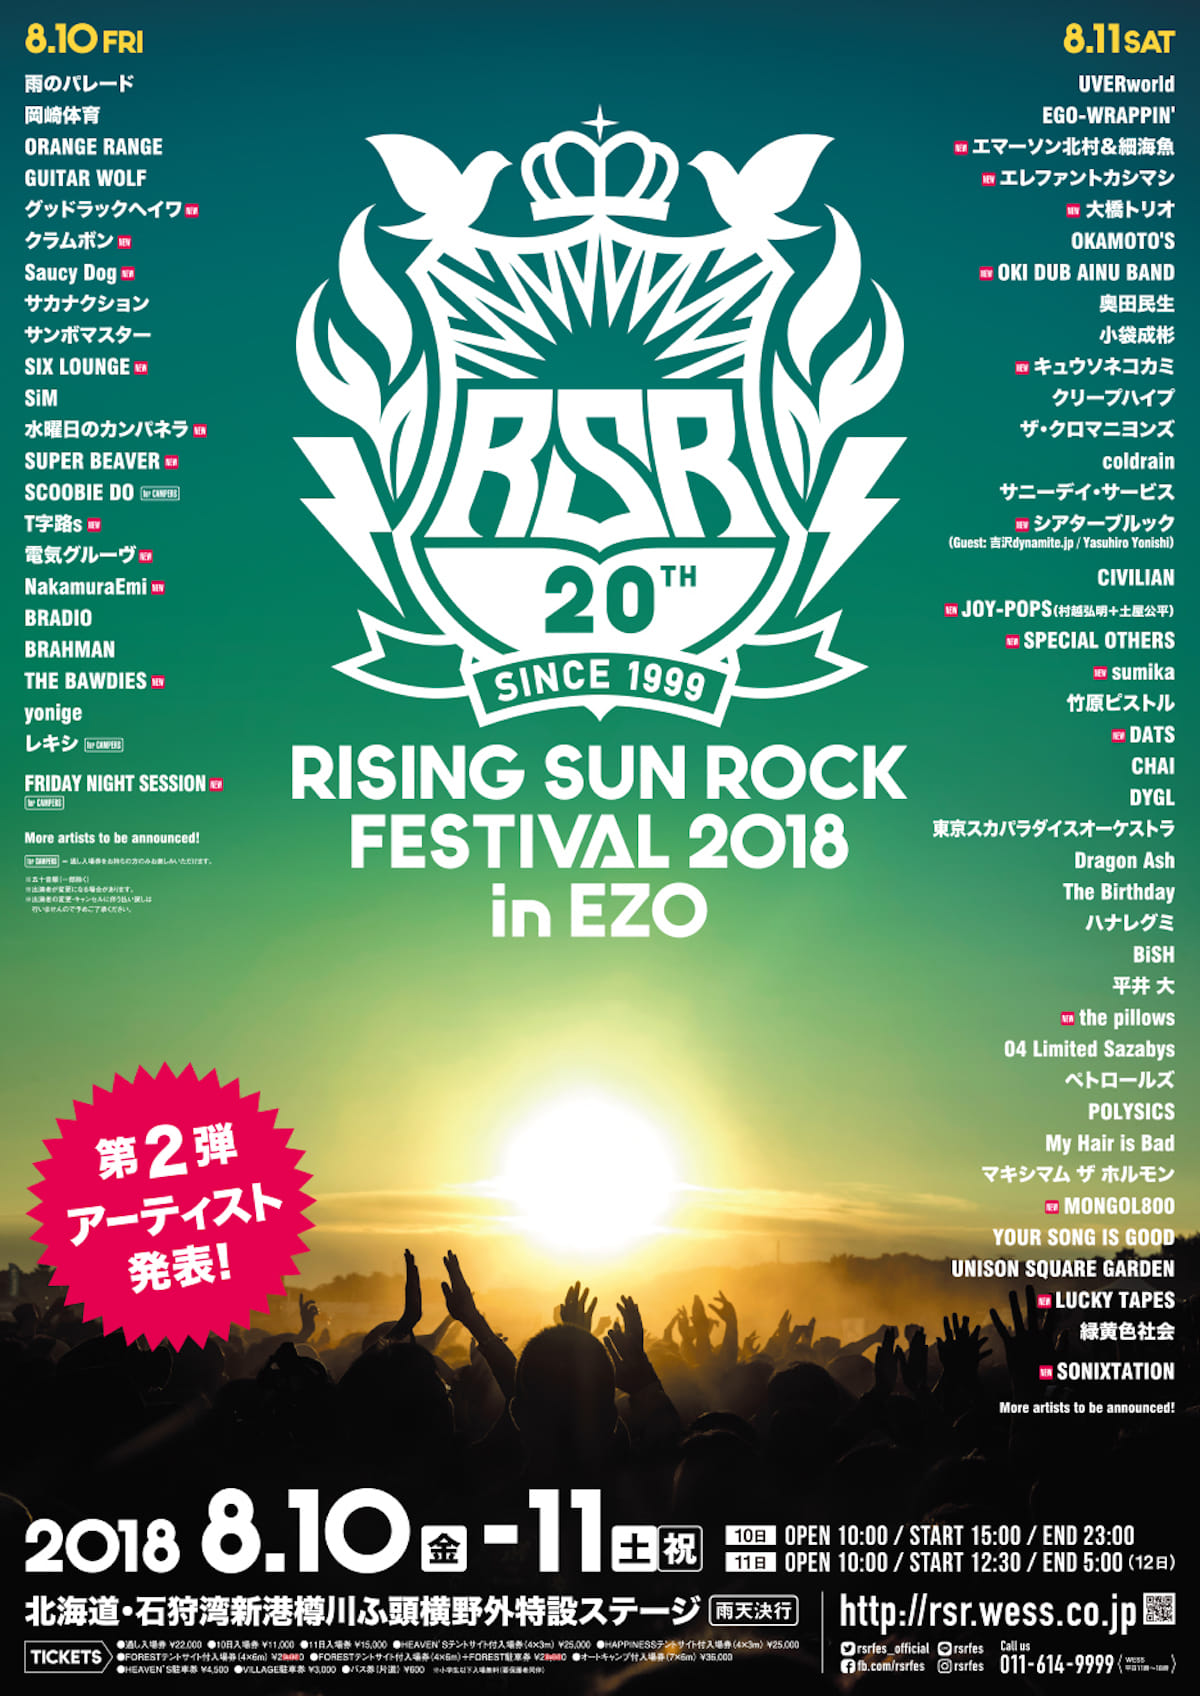 RSR 2018、第2弾で水曜日のカンパネラ、電気グルーヴ、エレカシ、DATSら25組発表! musci180524_rsr_1re-1200x1696